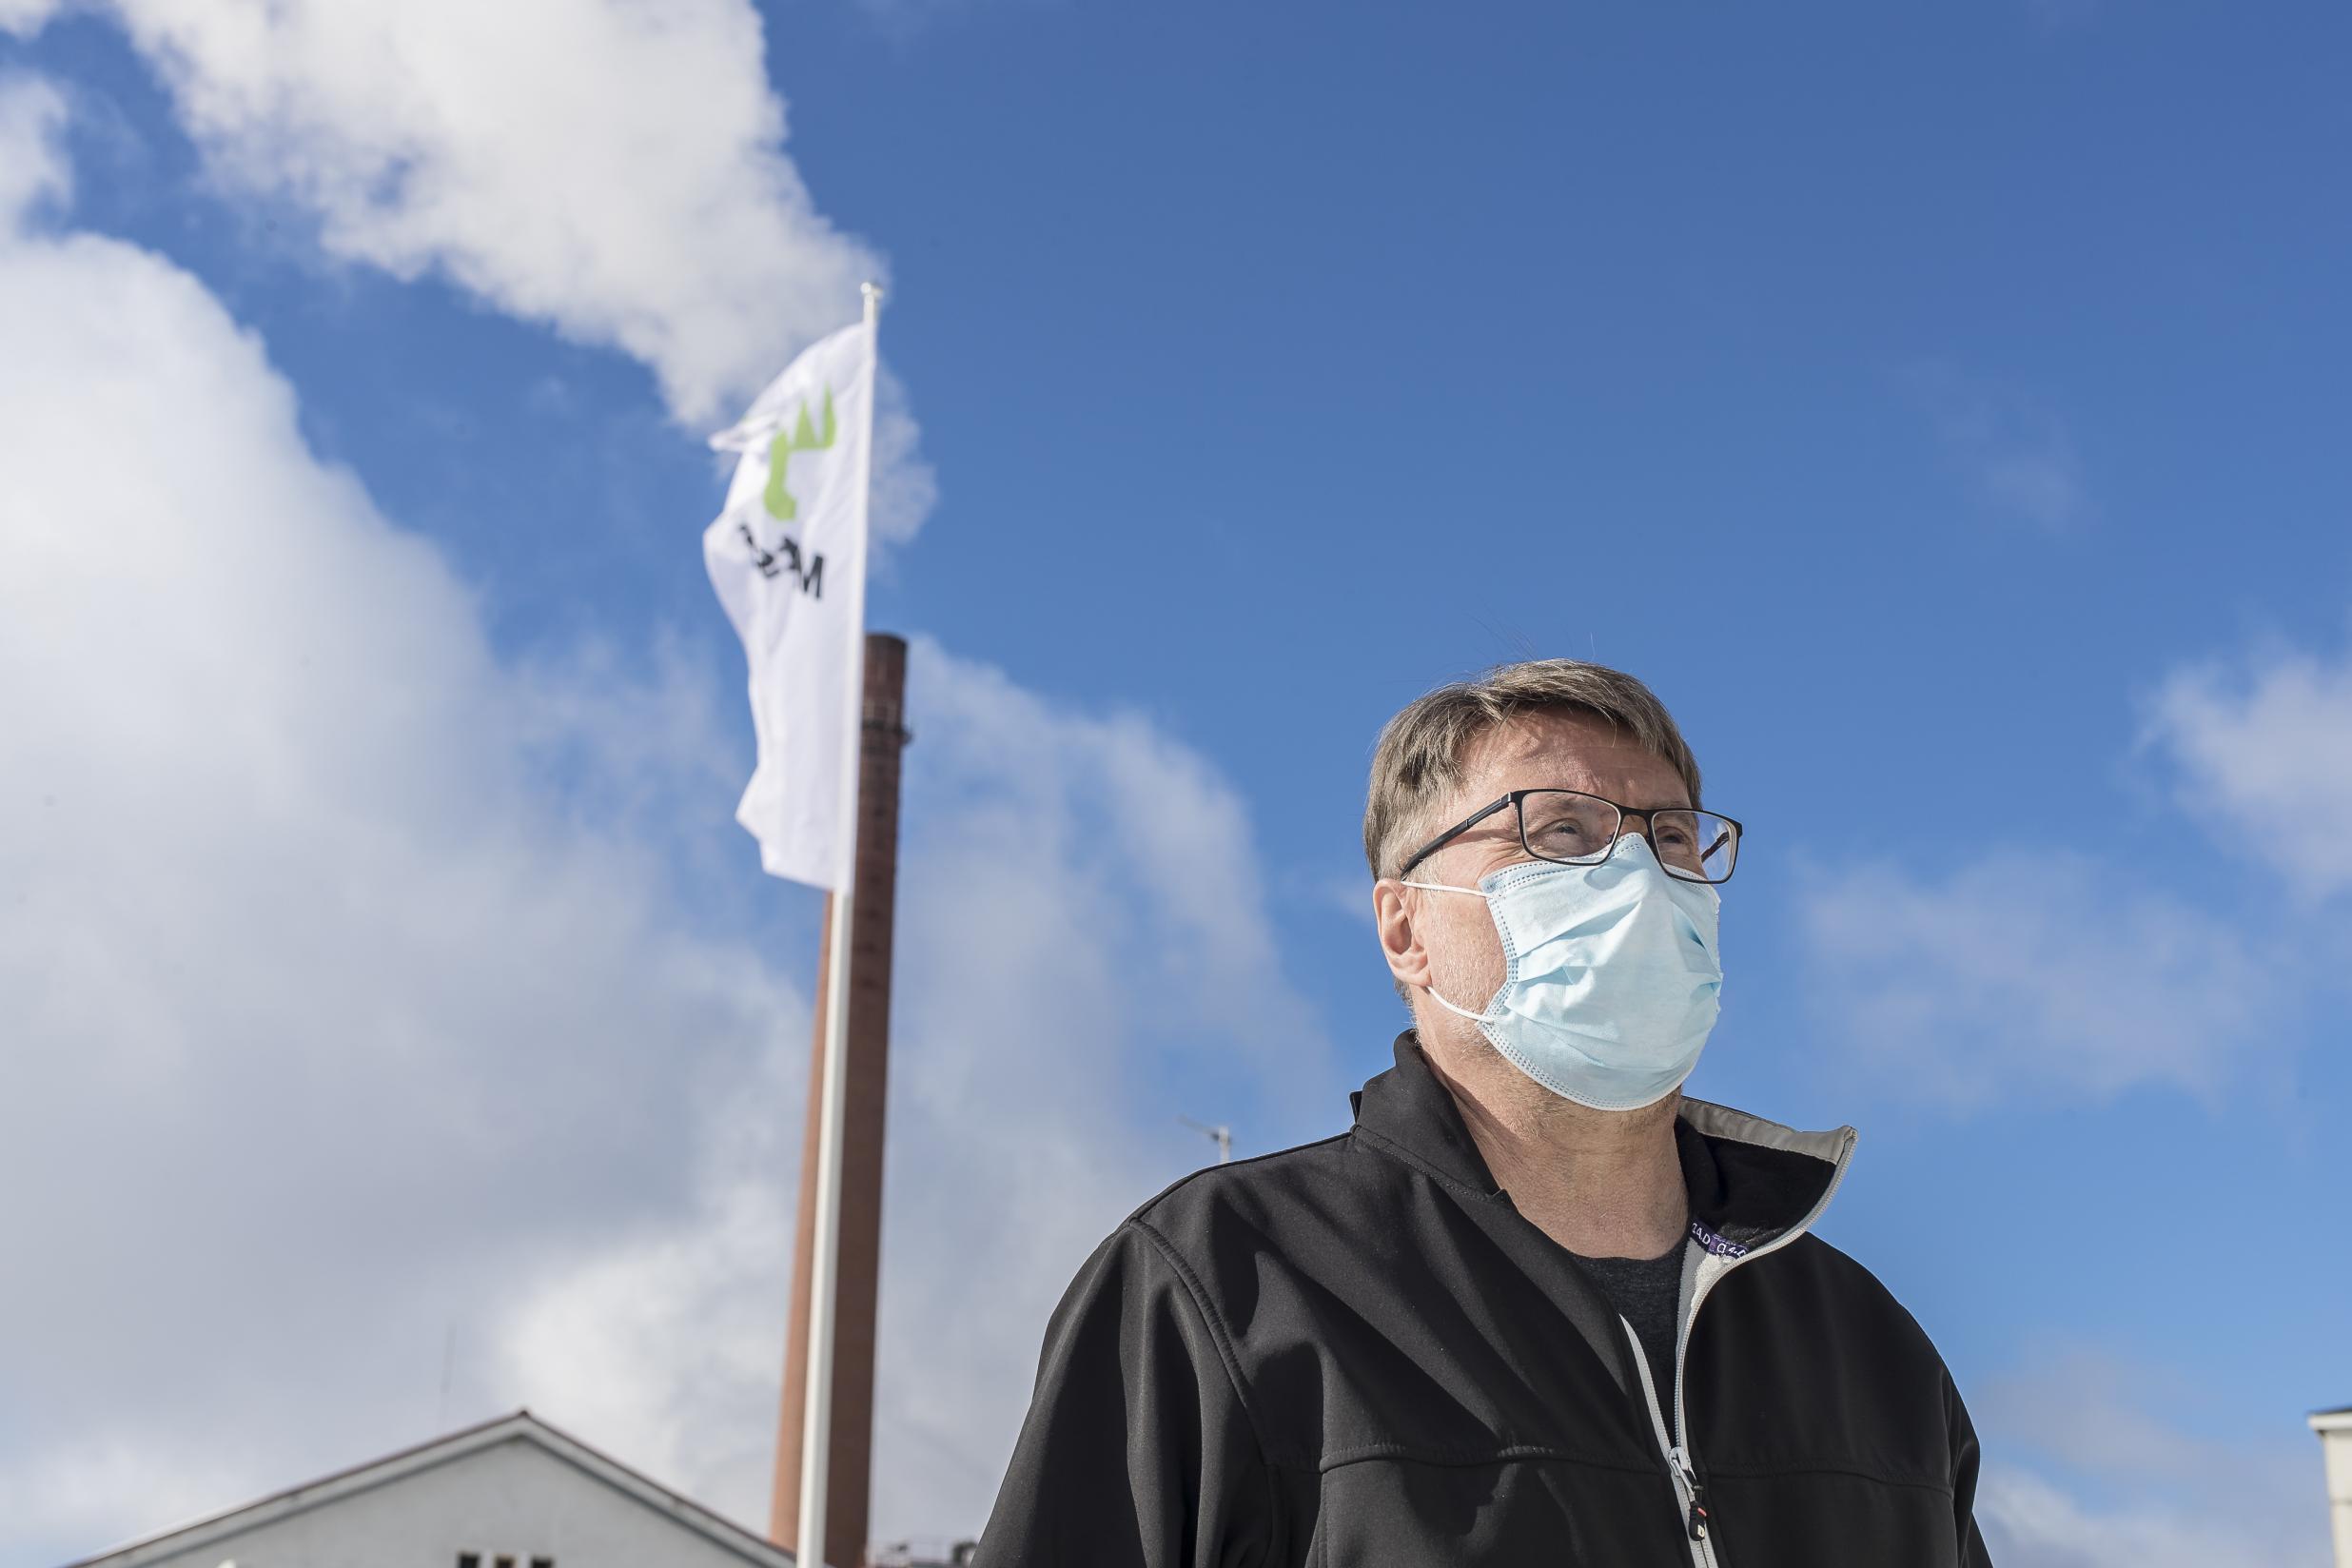 Aiemmin Hannu Toivasen silmät eivät ole oireilleet, mutta korona-ajan varustukseen kuuluva hengityssuojain ärsyttää hänen silmiään.